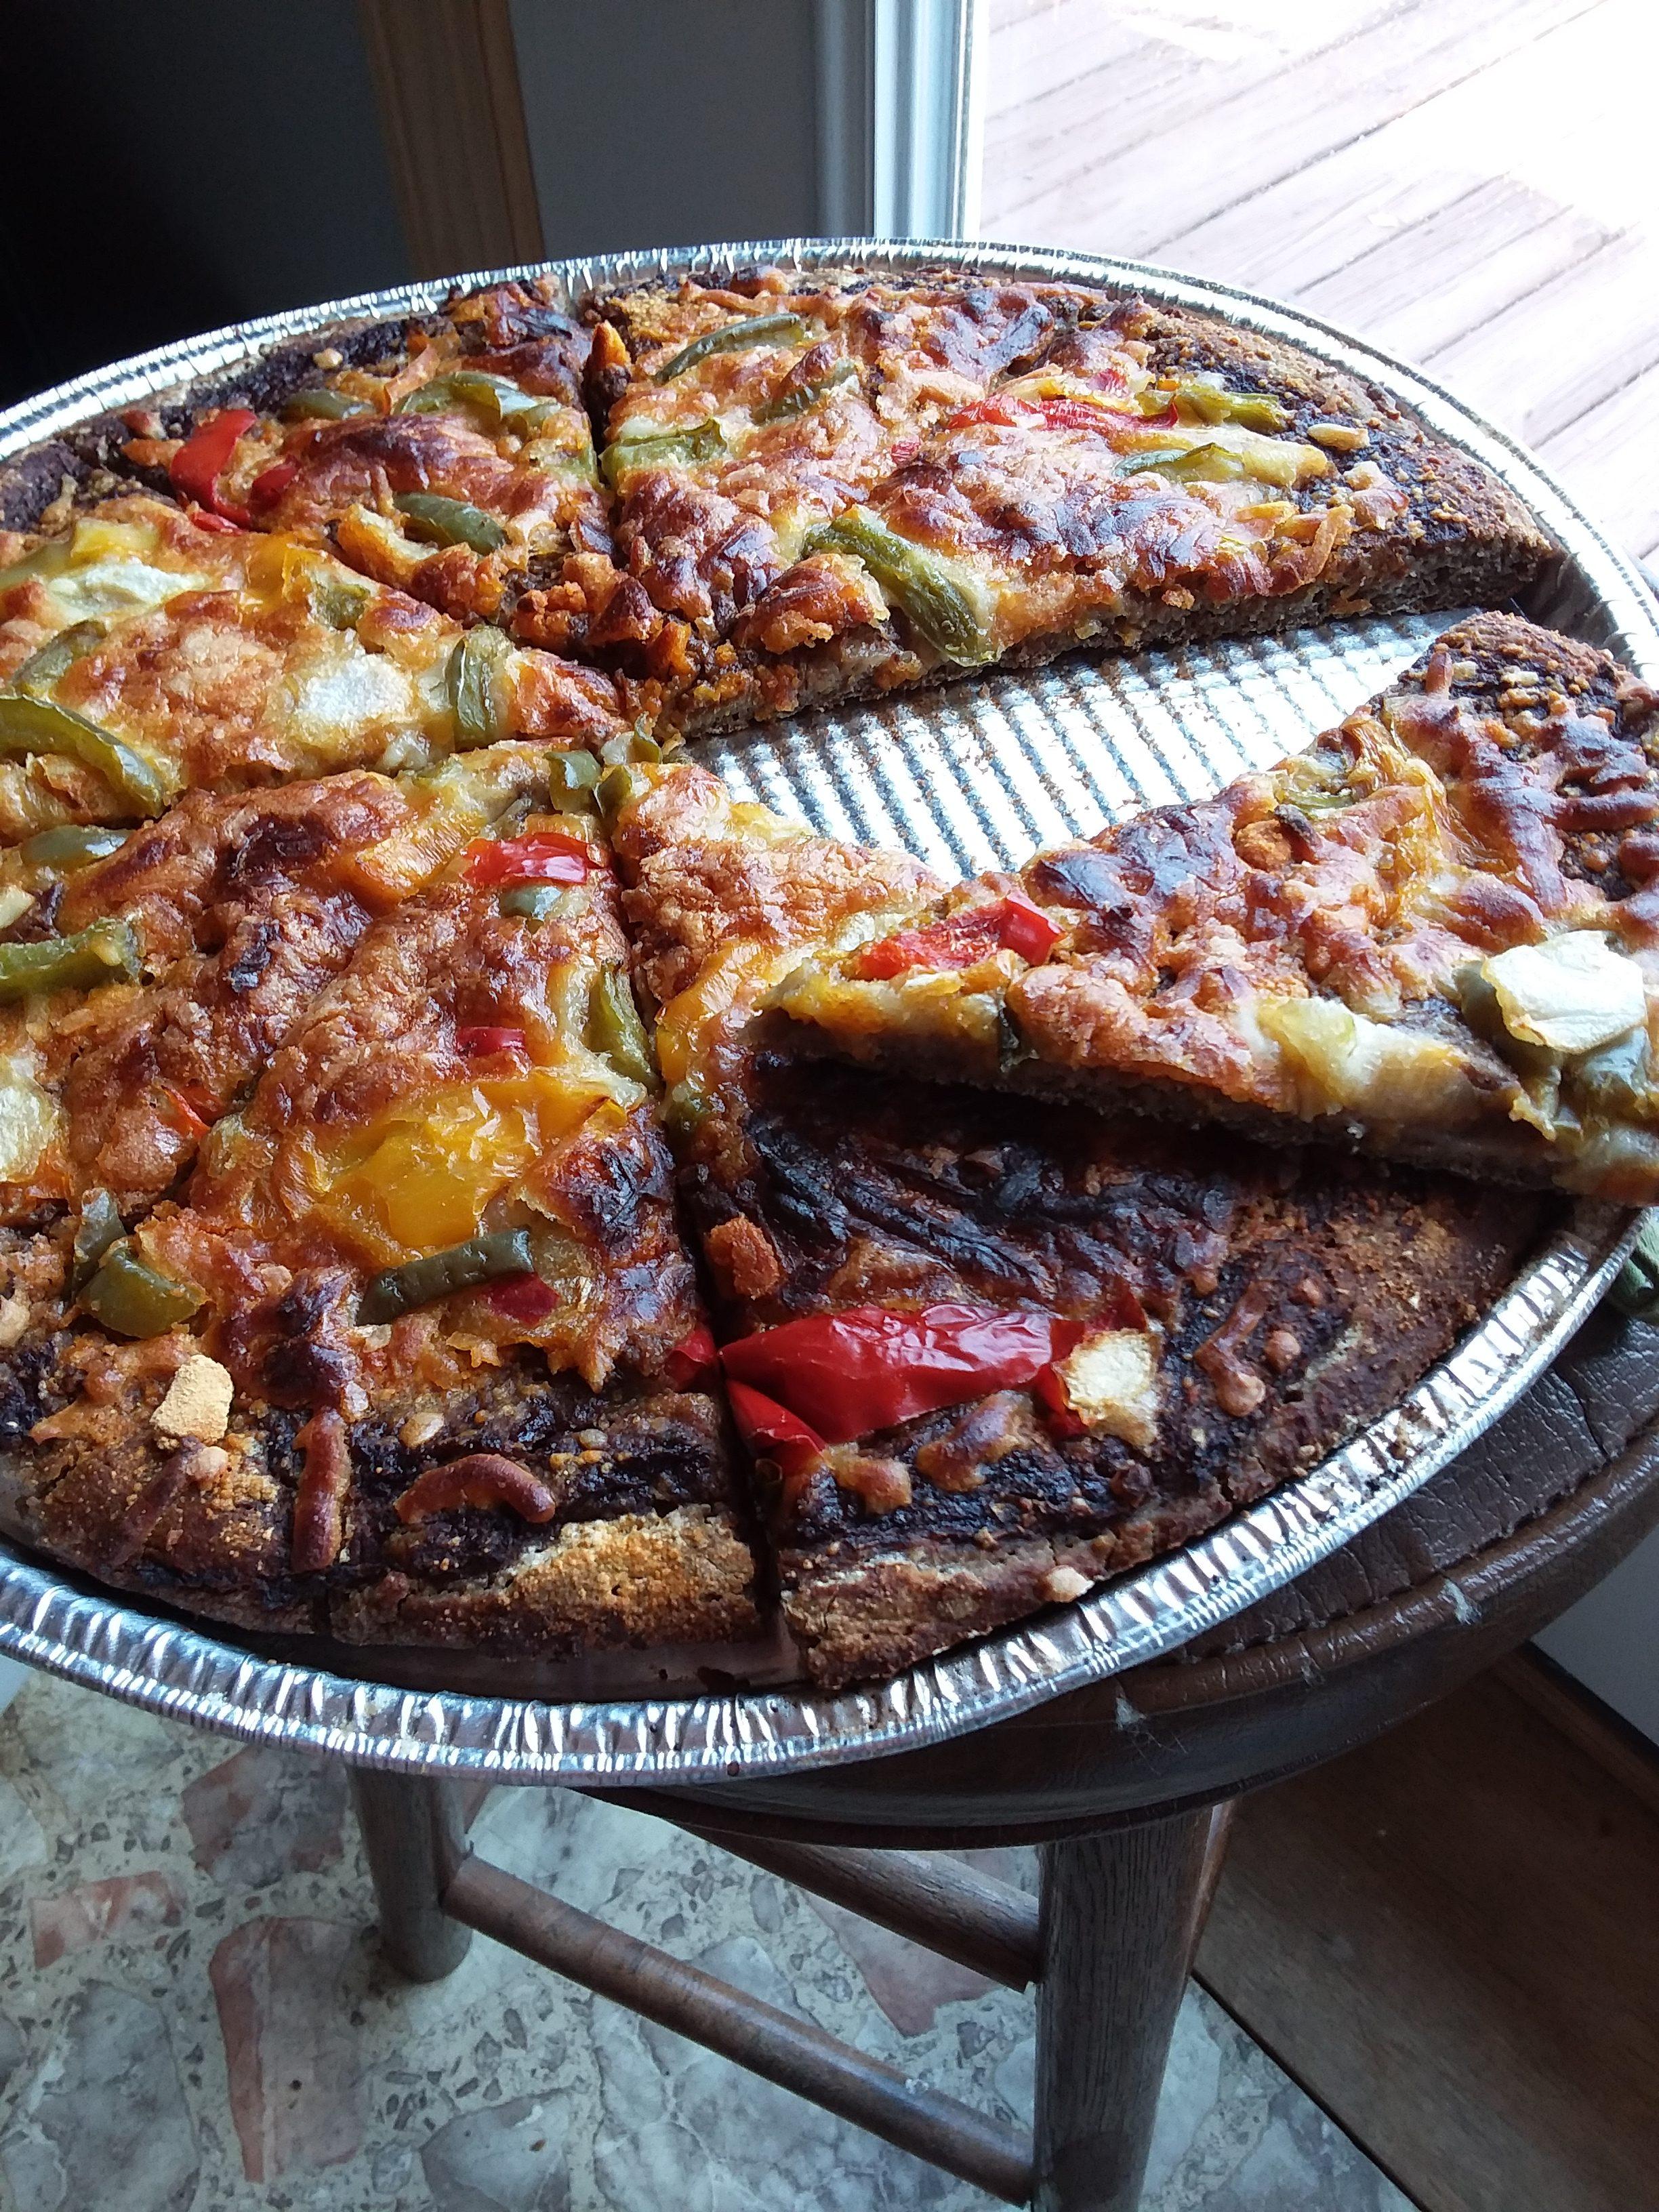 Pizzeria World Famous Quinoa (Modern Manna) Wild Pizza Recipe VERSION 2